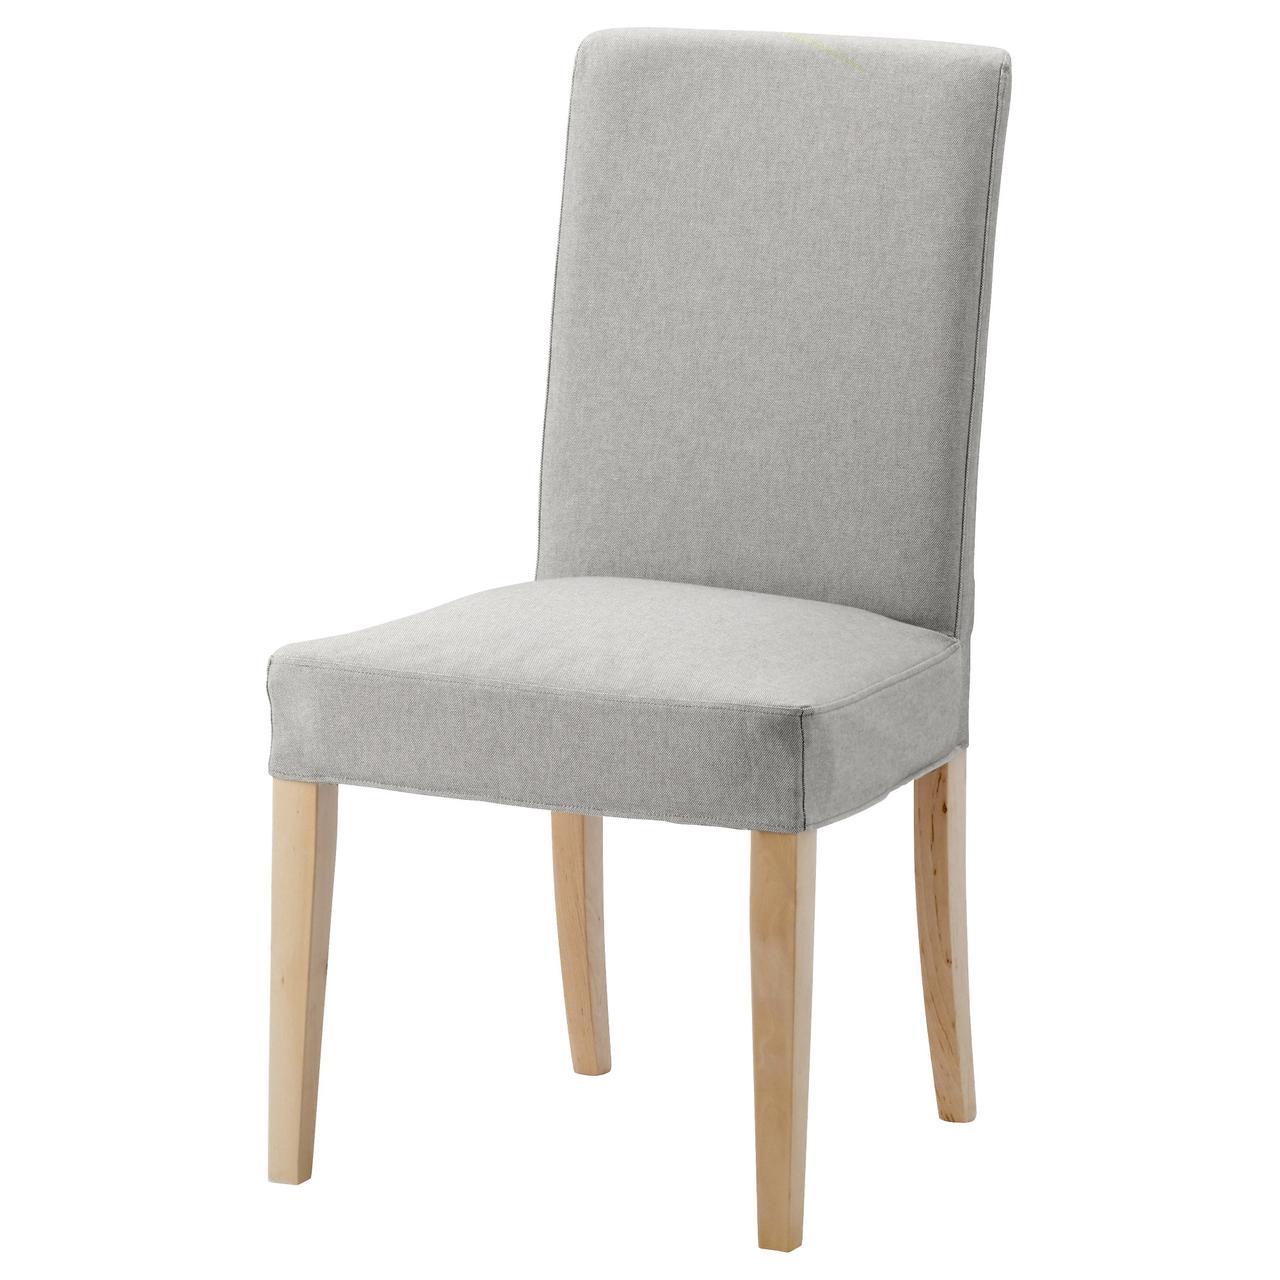 Кресло кухонное IKEA HENRIKSDAL Orrsta береза светло-серое 091.900.48